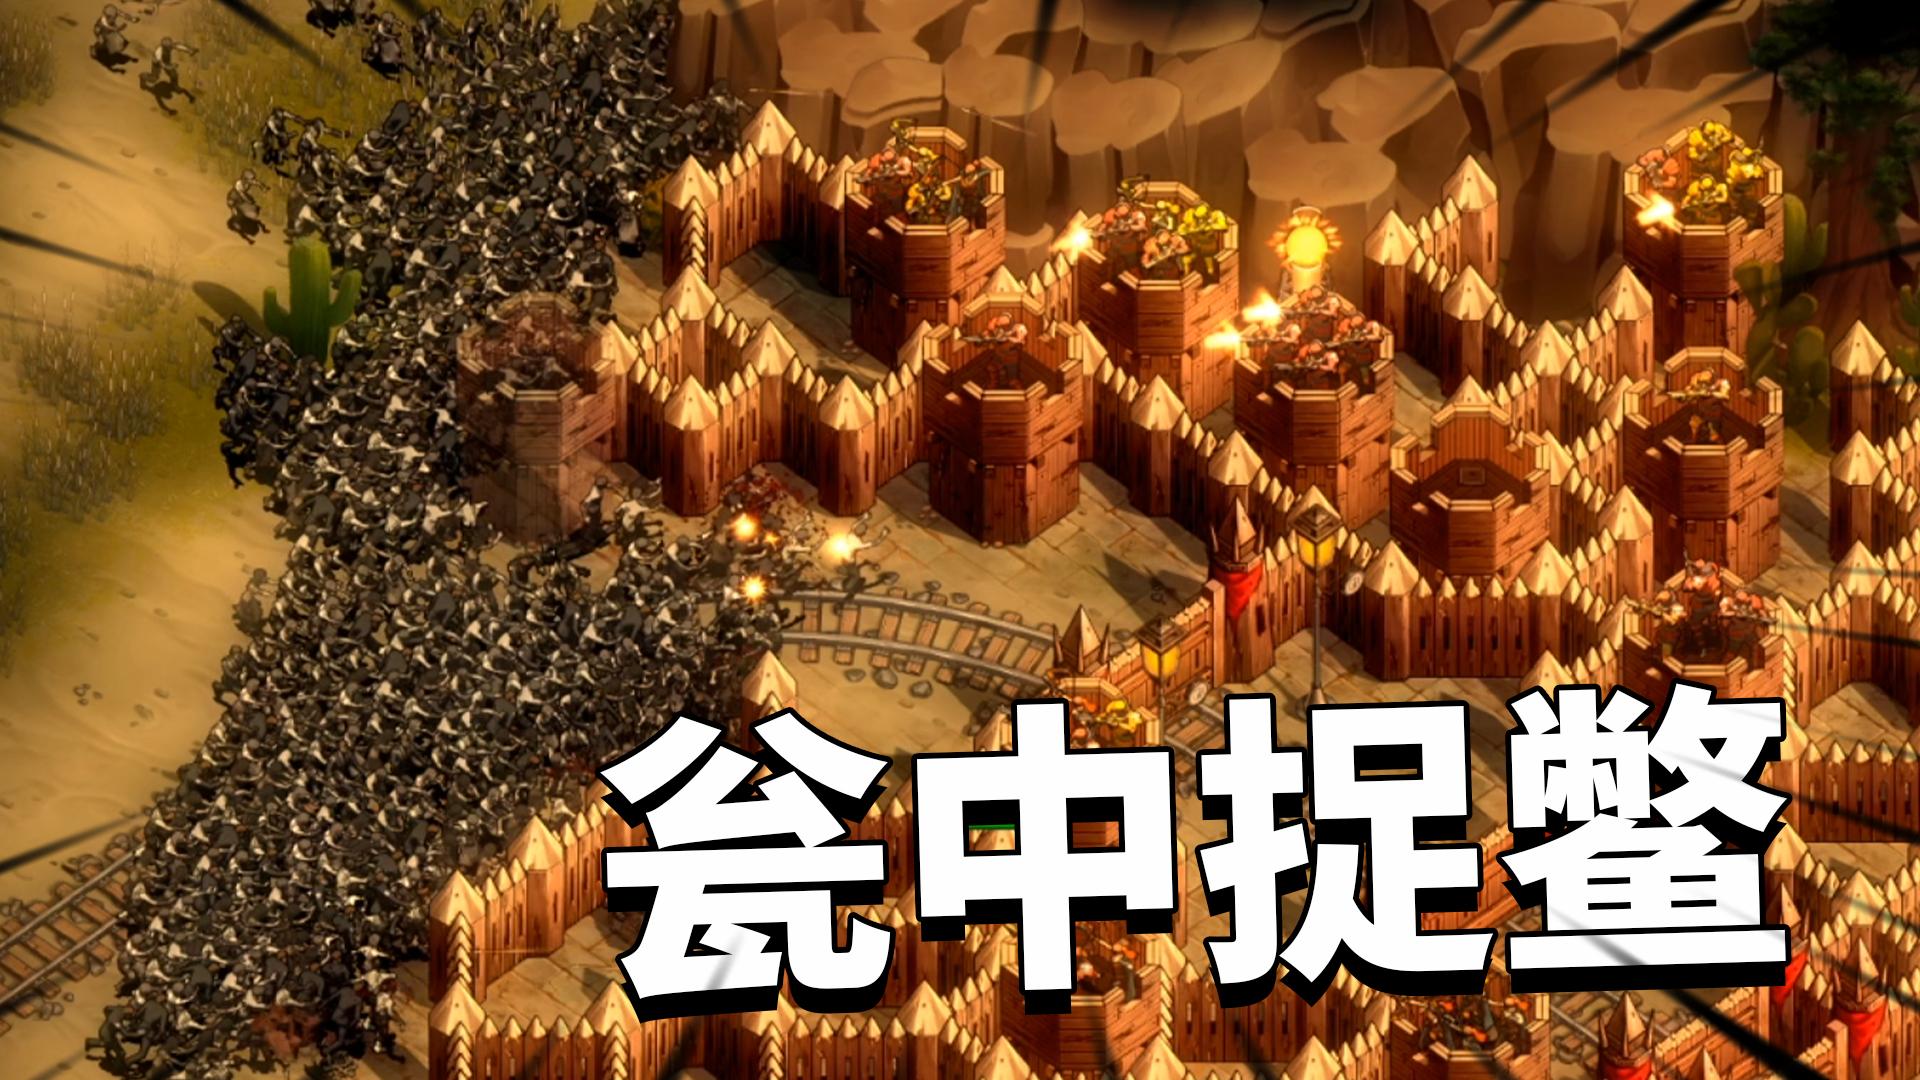 亿万僵尸:基地遭到两路尸潮夹击,准备好防御工事来个瓮中捉鳖!